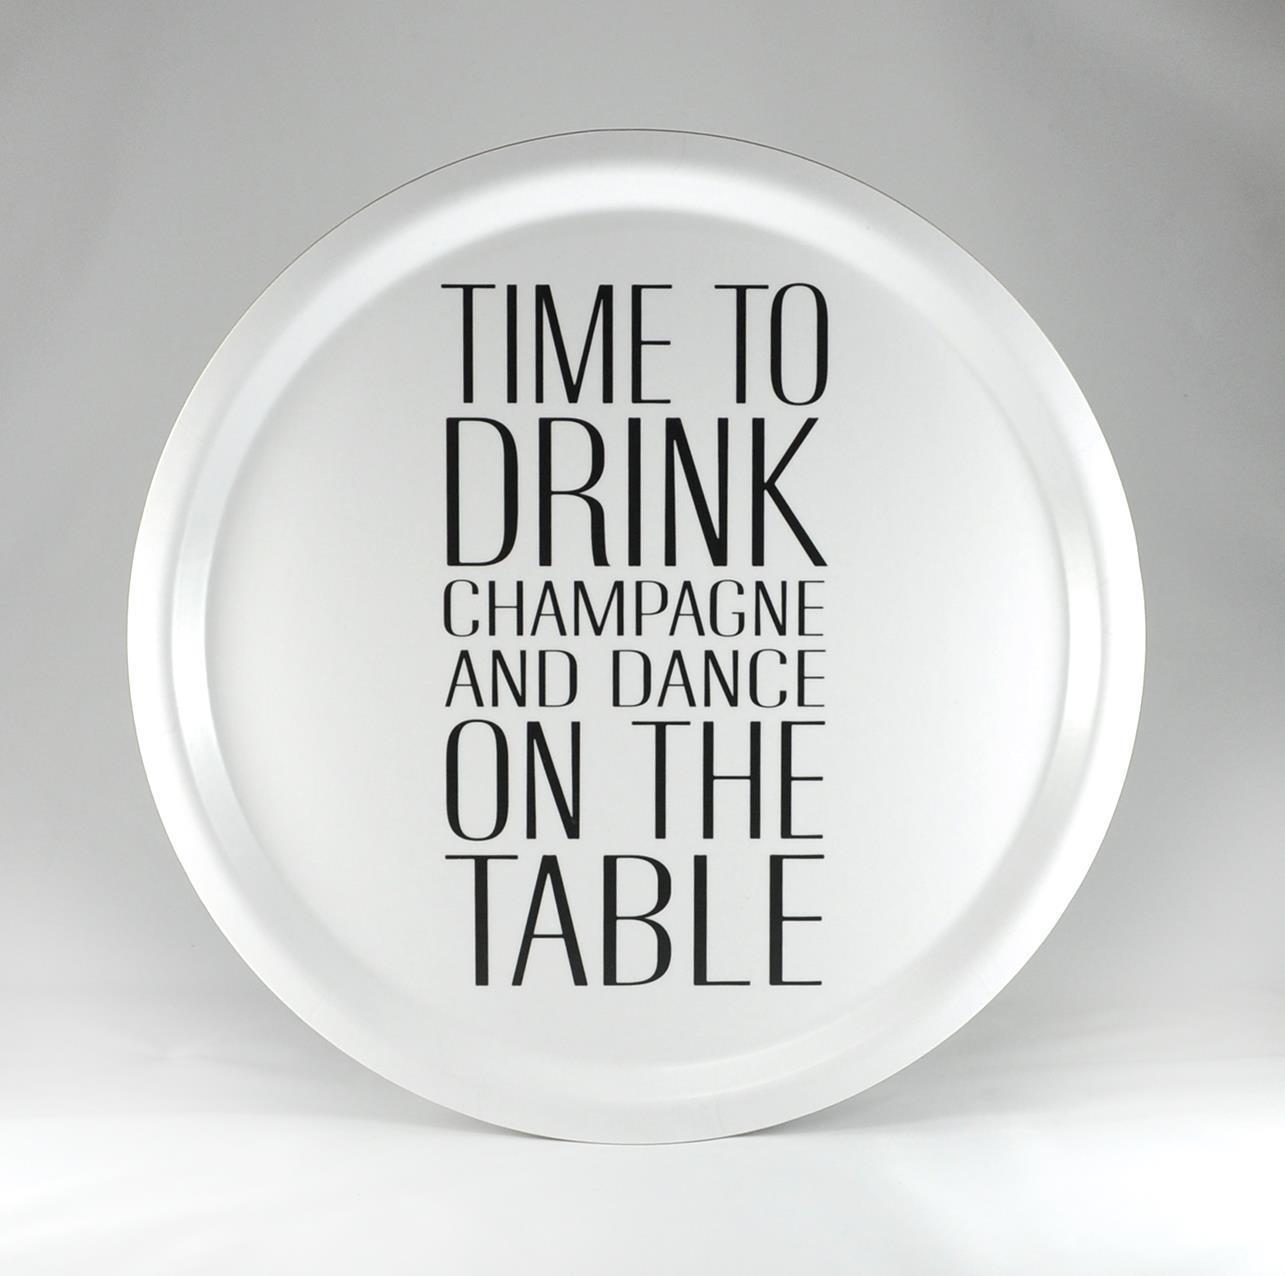 Bricka rund 31 cm, Time to drink, vit/svart text